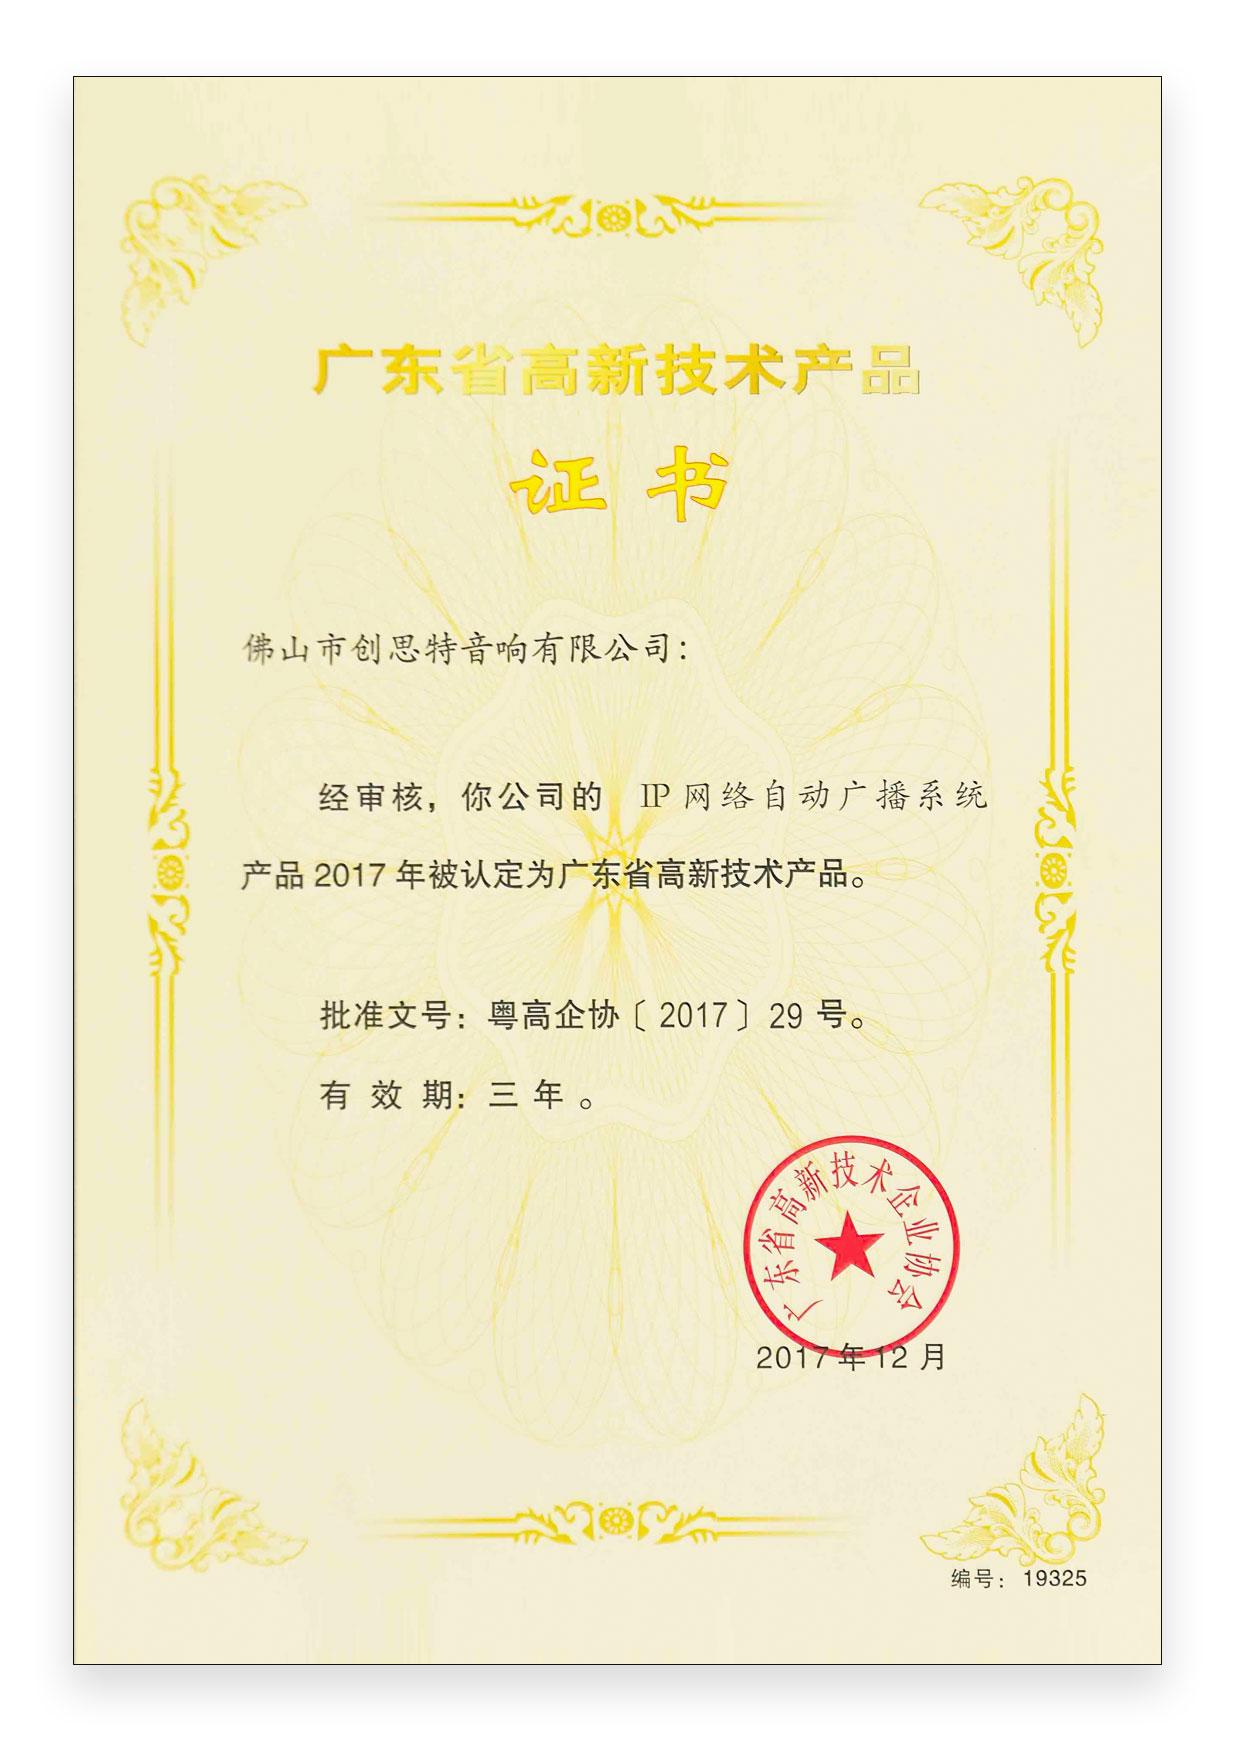 高新技术产品证书---IP网络...